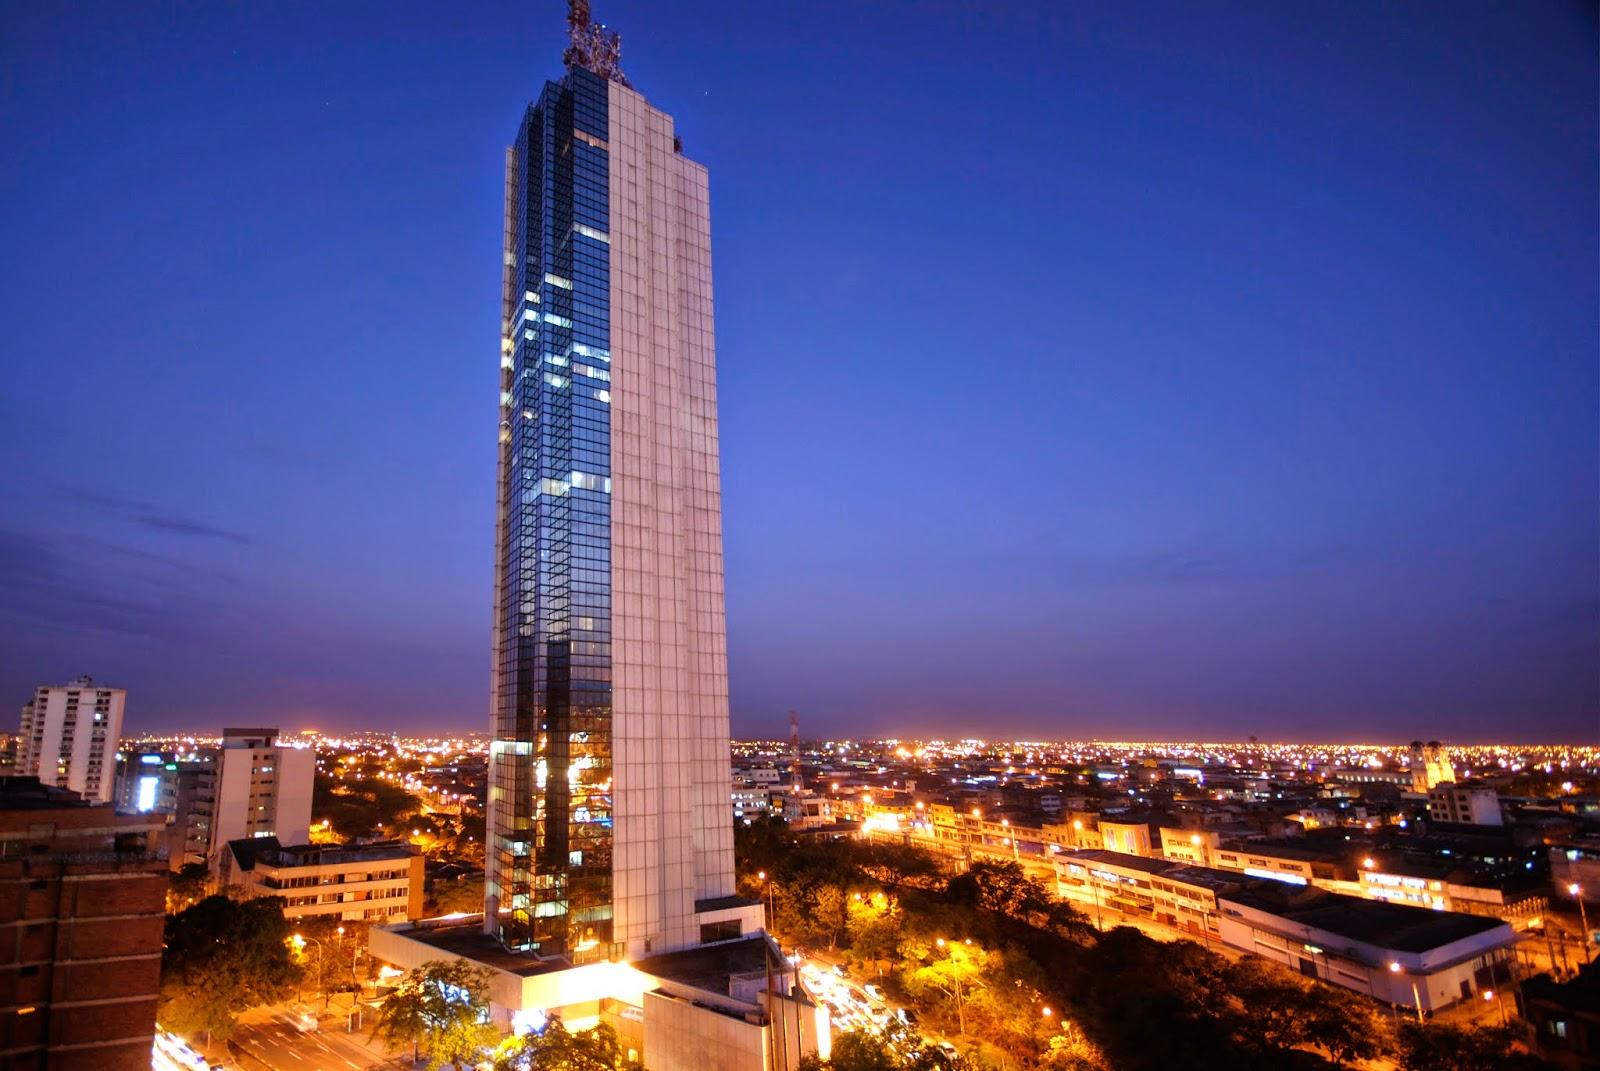 Sercotel Torre de Cali Plaza